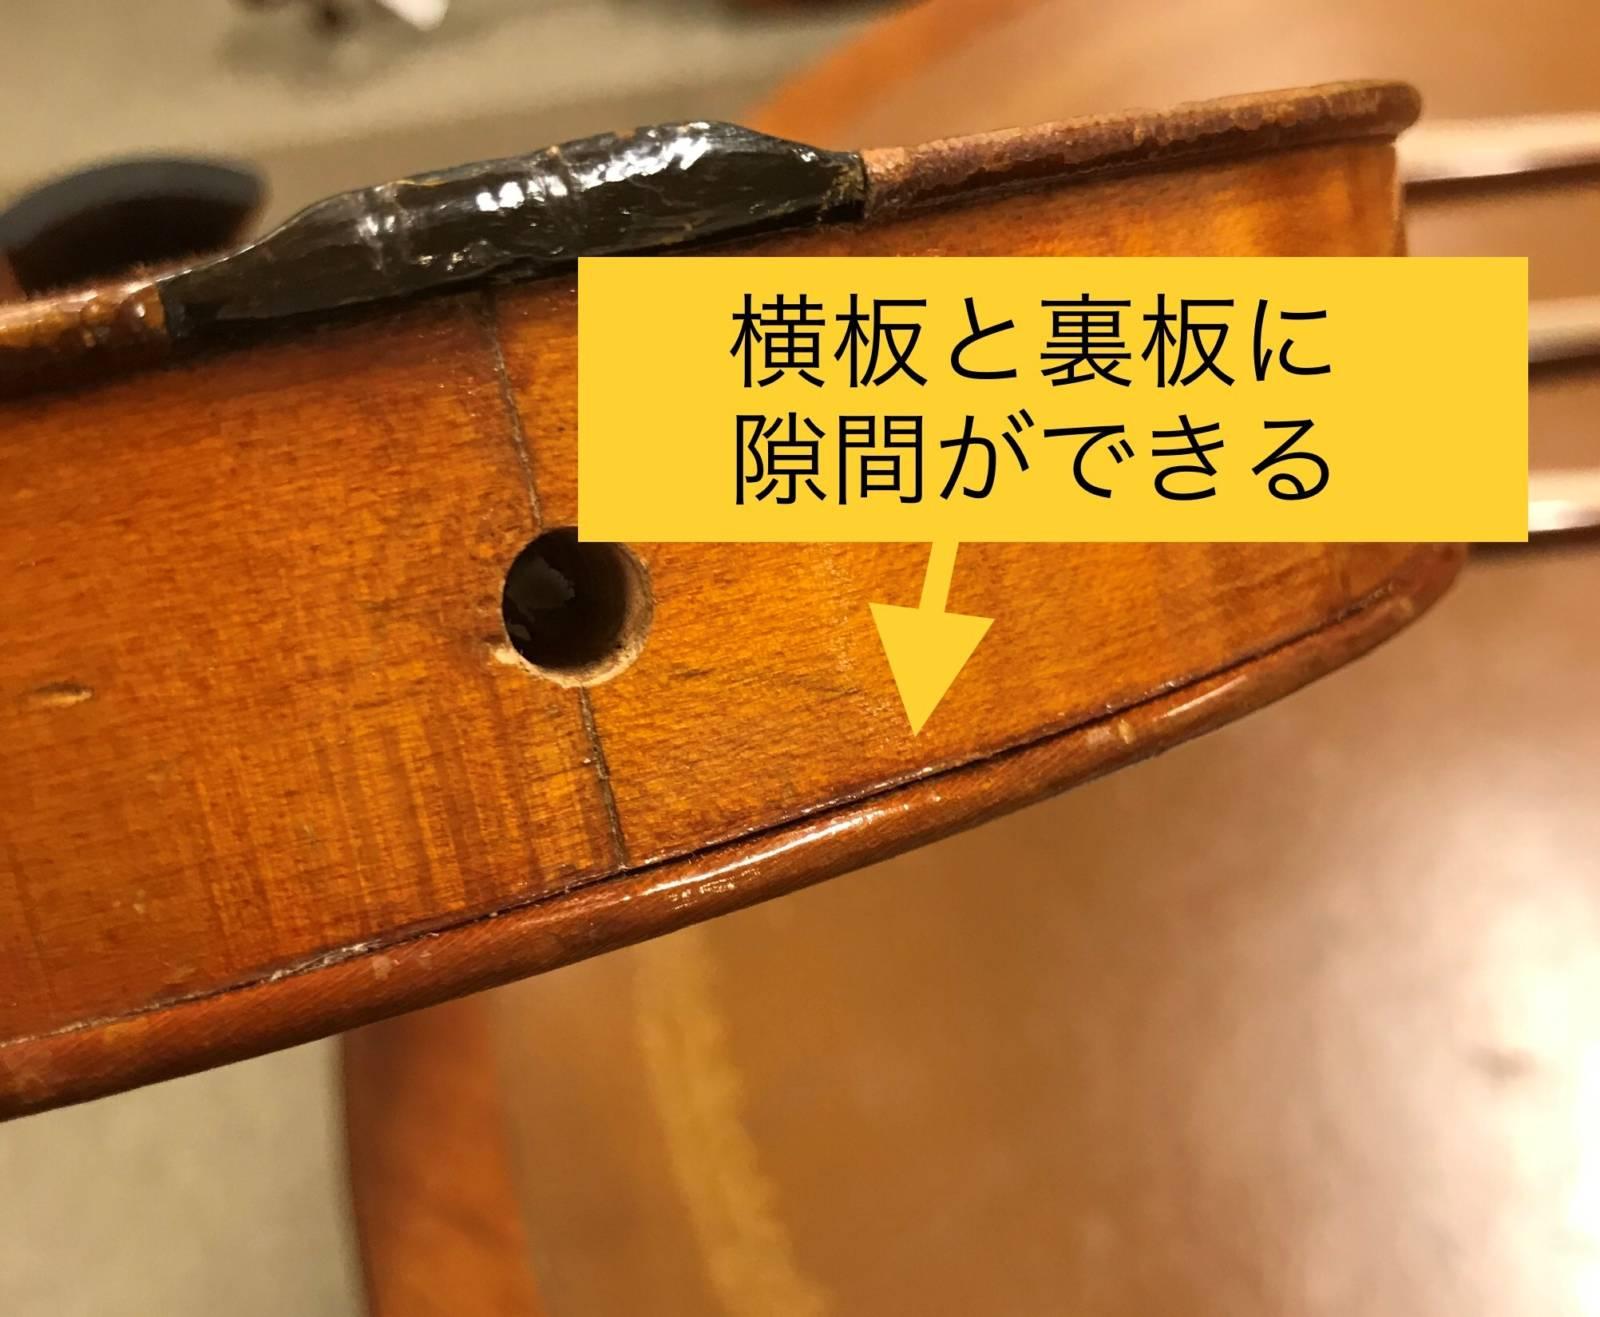 梅雨時の楽器管理